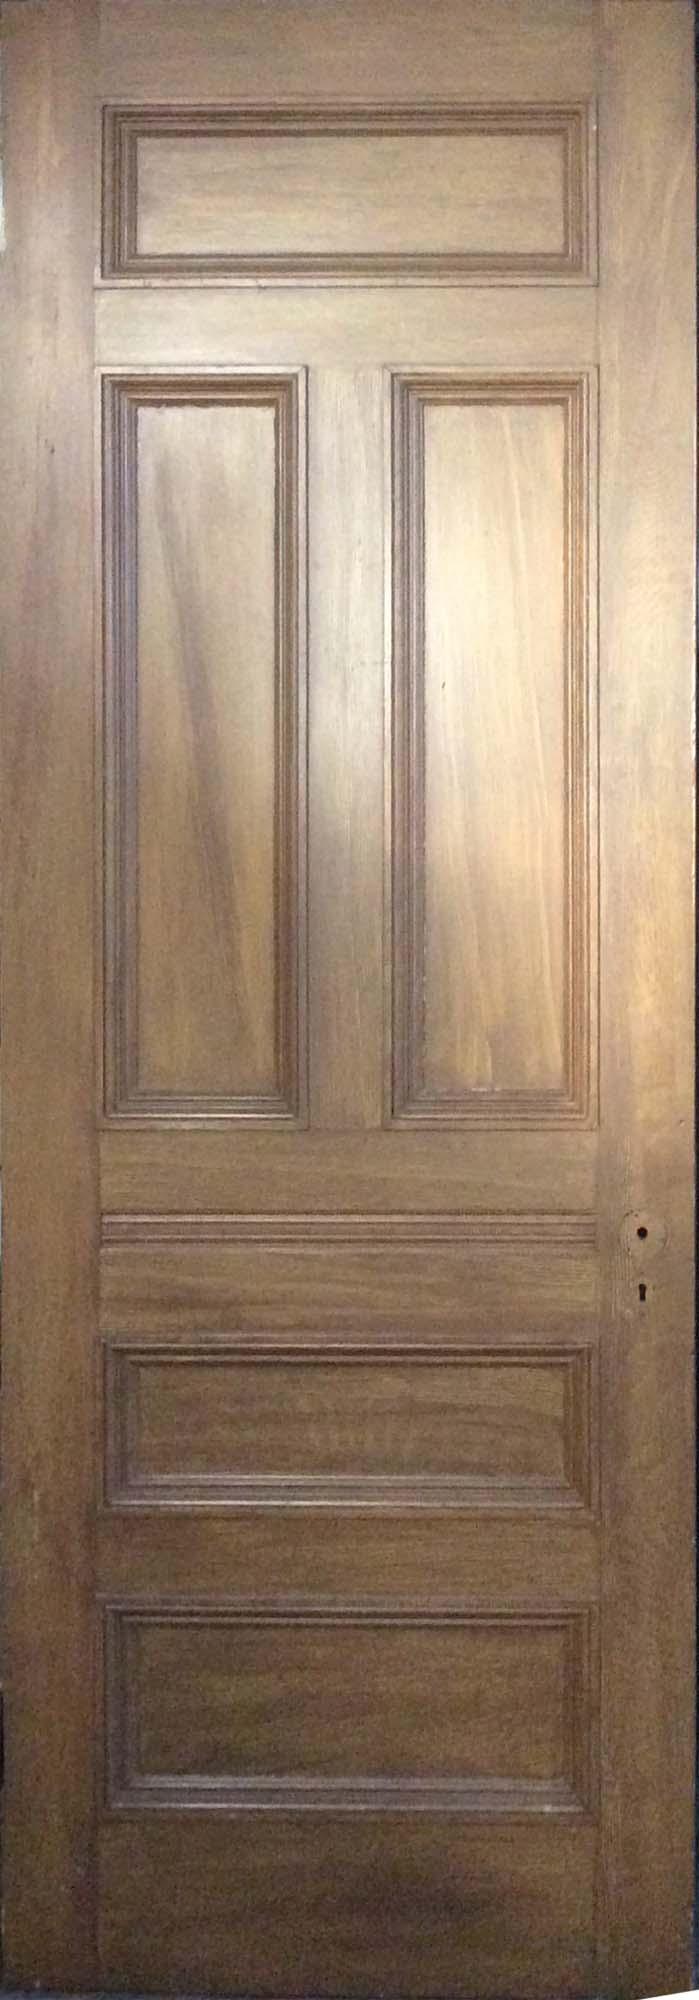 Victorian 5 Panel Door